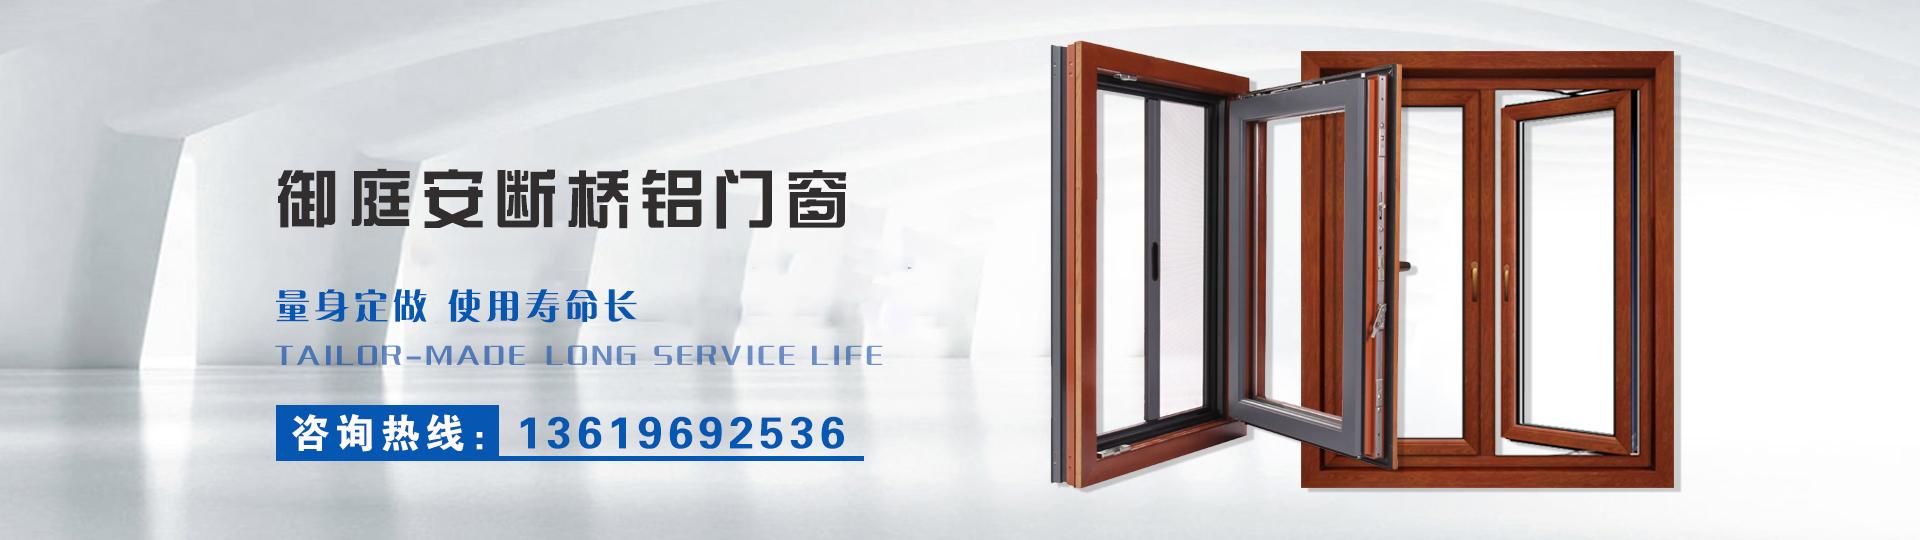 万博全站客户端铝门窗生产厂家